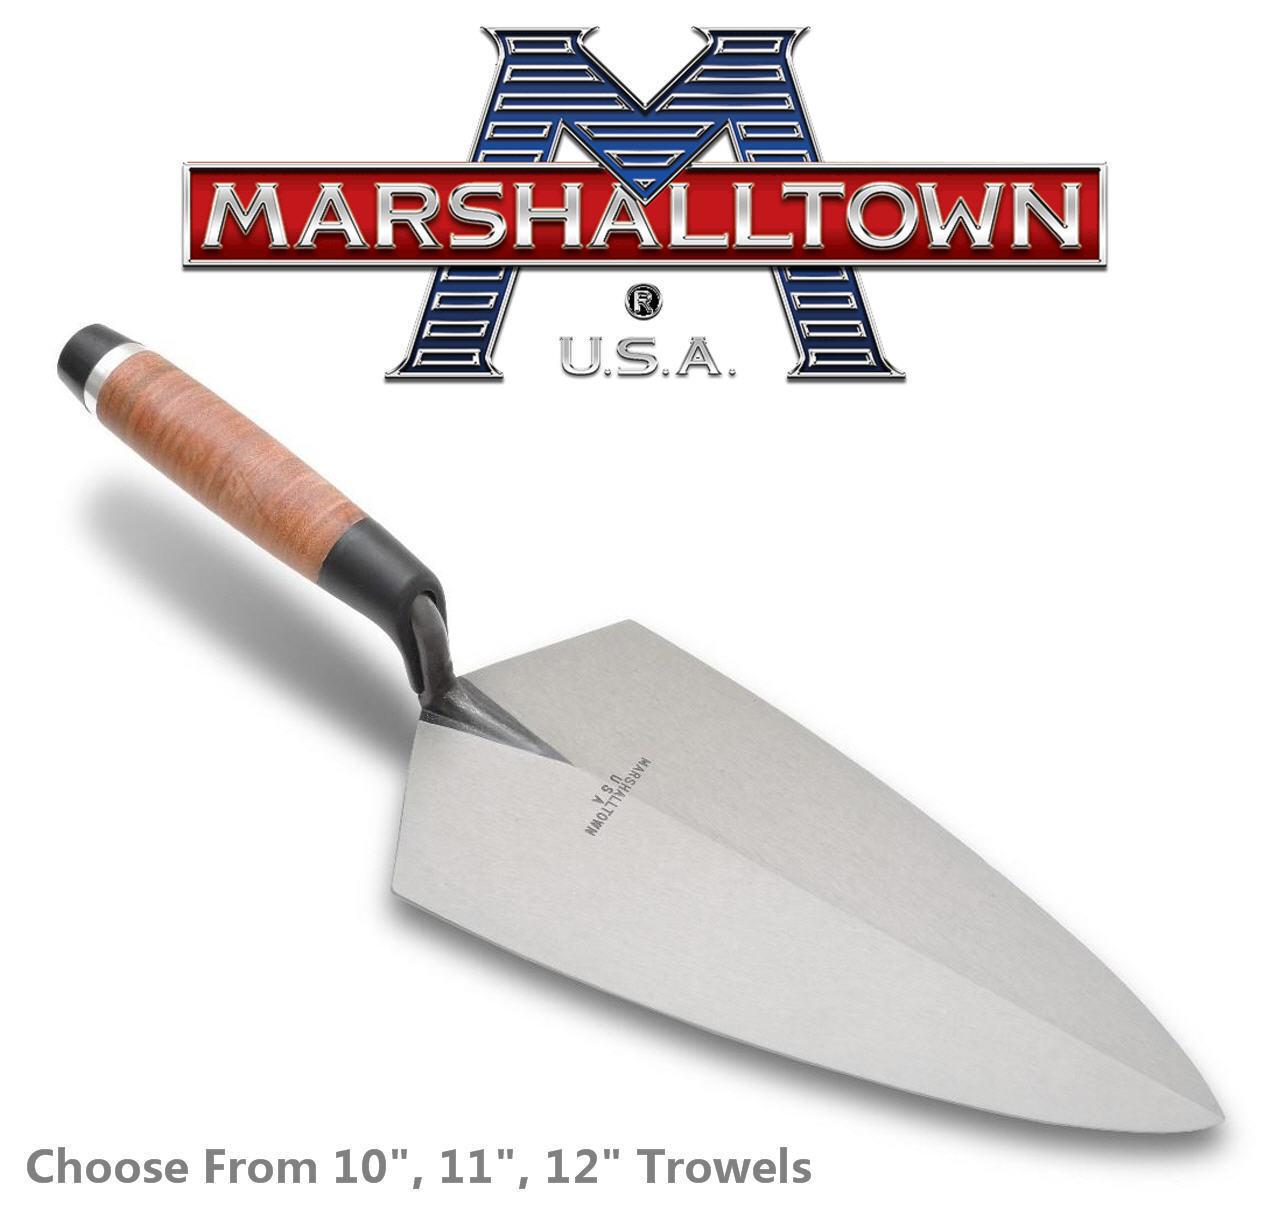 Marshalltown Cuero Empuñadura Filadelfia Paleta de ladrillo, tamaño a elegir